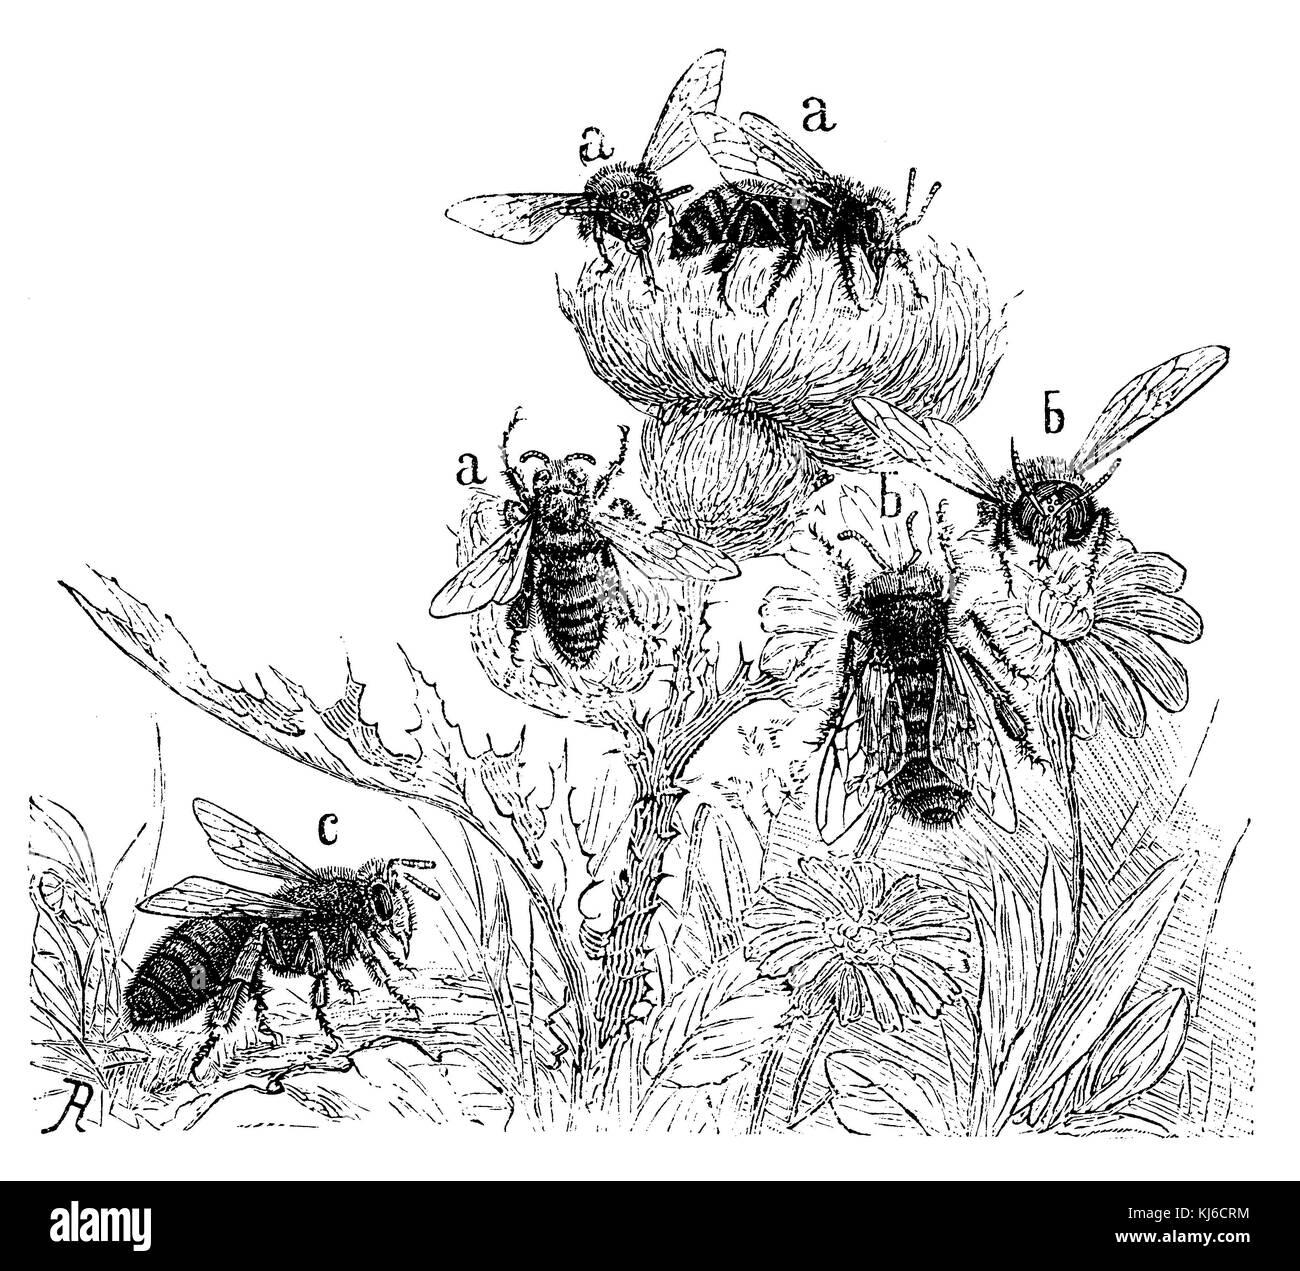 Workers (a), drones (b), Queen (c): Honey bee (Honigbiene: Arbeiterinnen (a), Drohnen (b), Königin (c)) Stock Photo